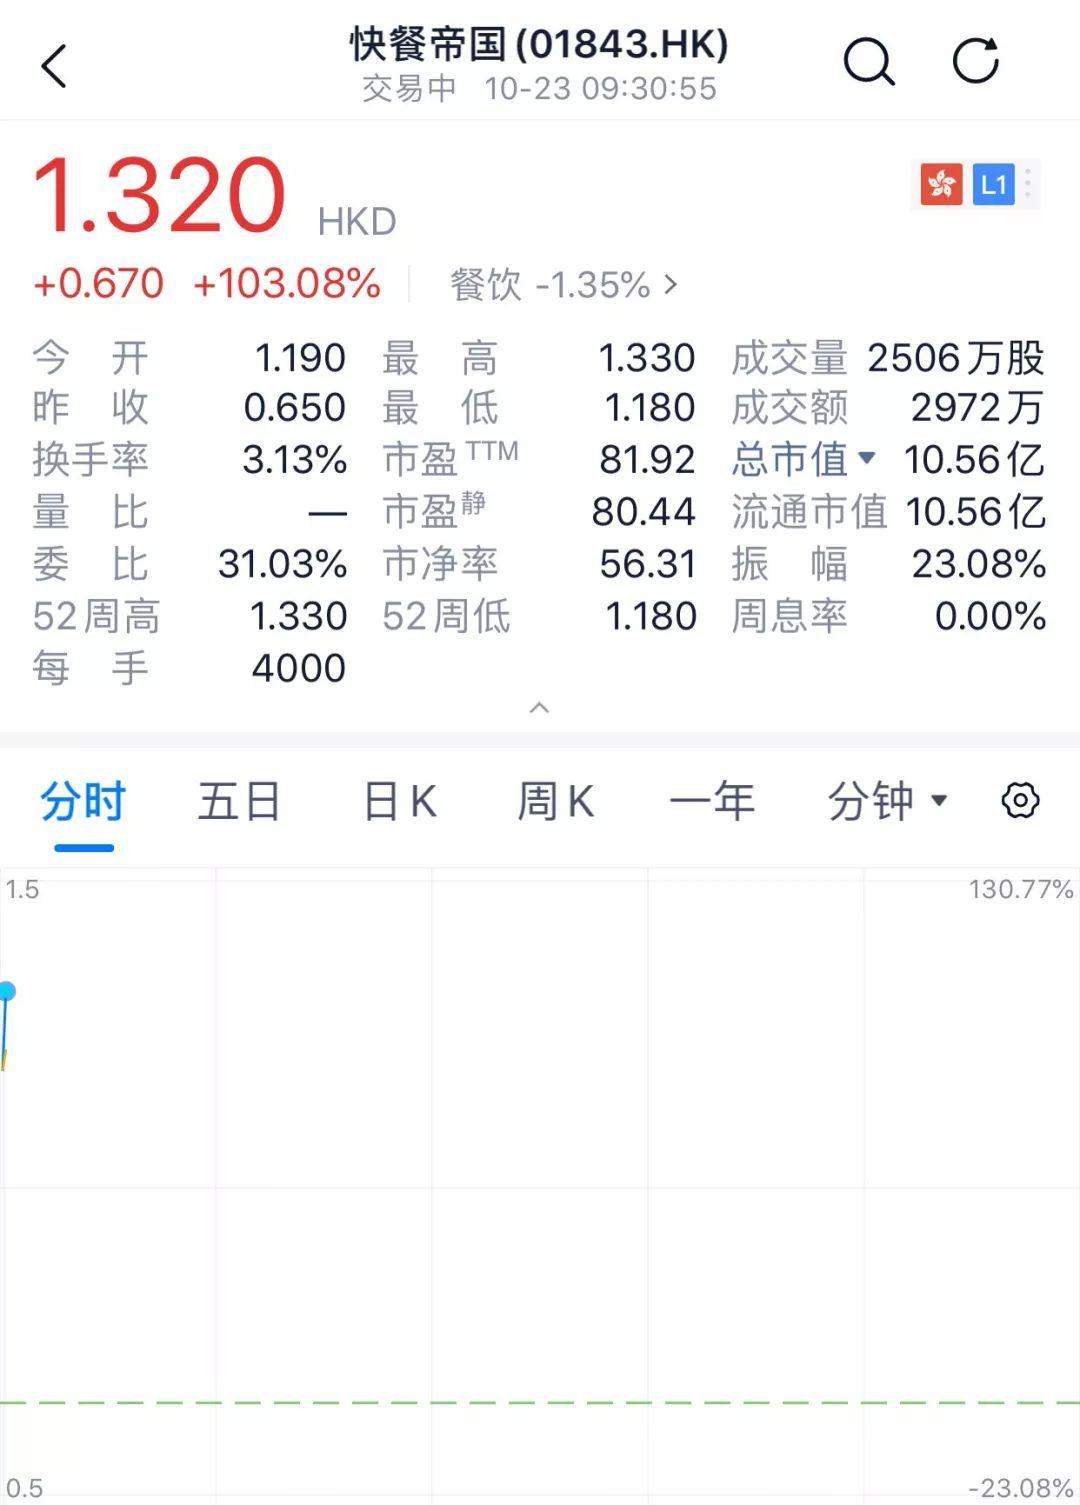 快餐帝國成功赴港上市,開盤暴漲超103%!士林臺灣小吃遍布全